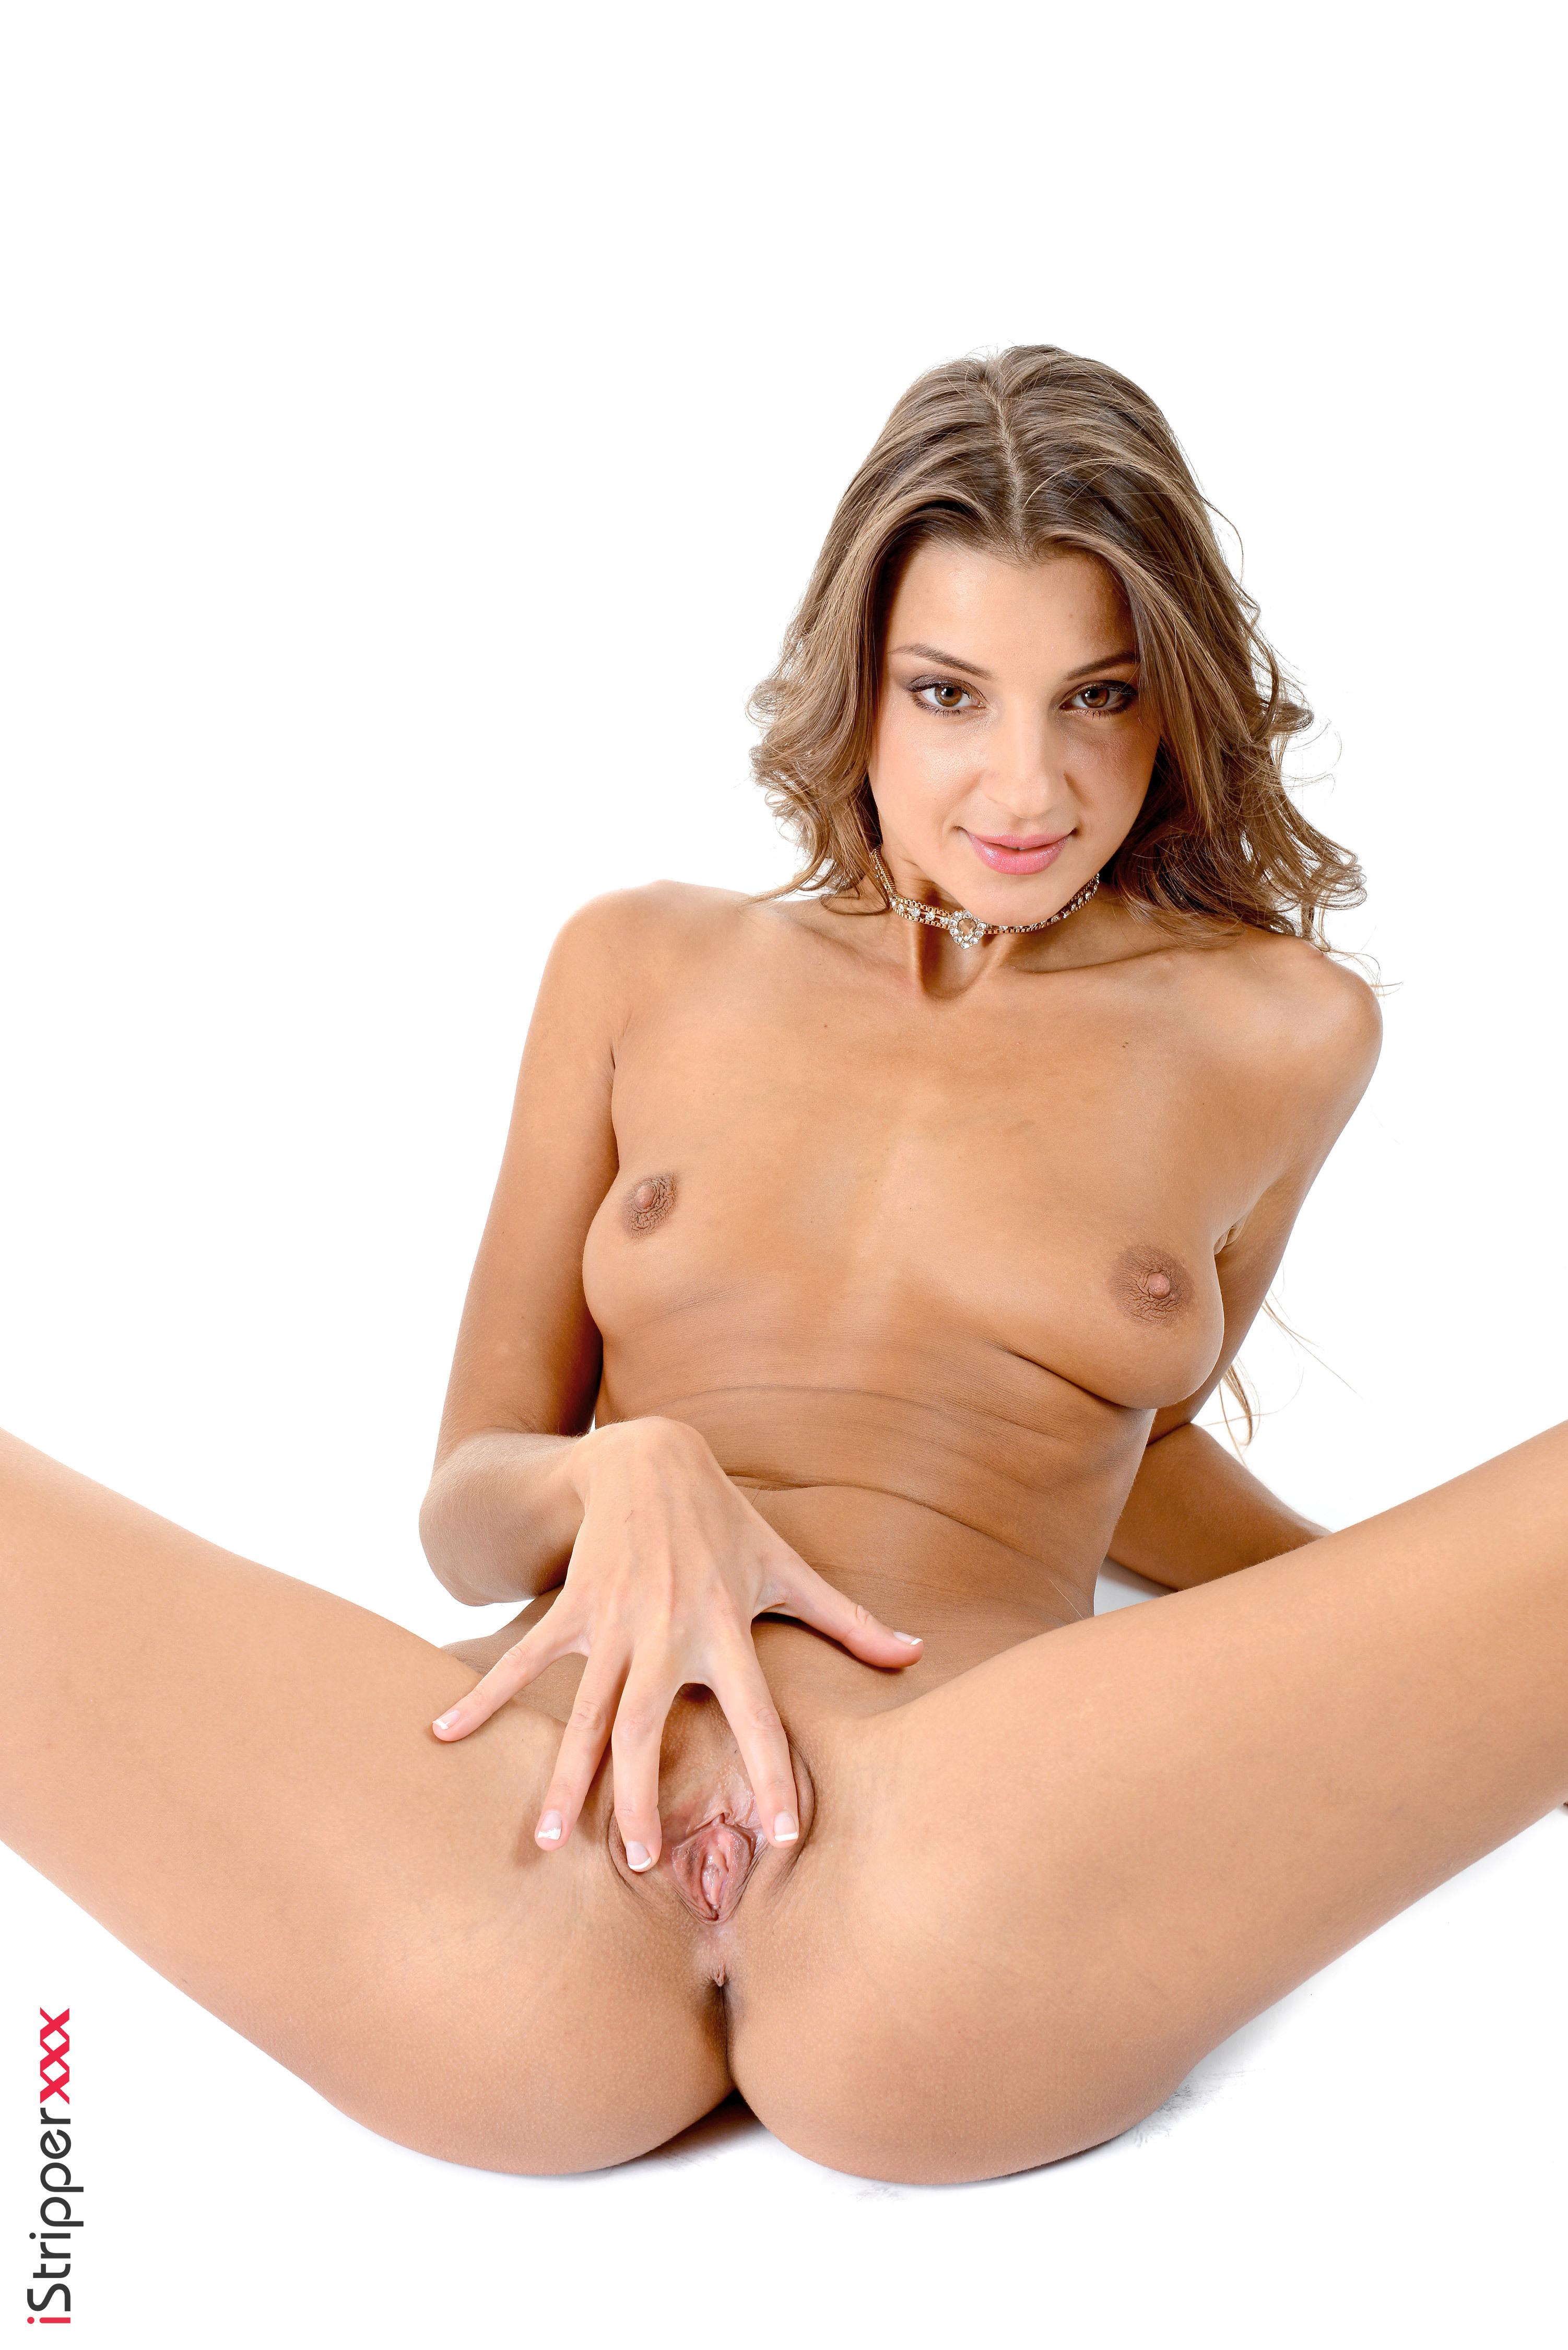 erotic screensavers